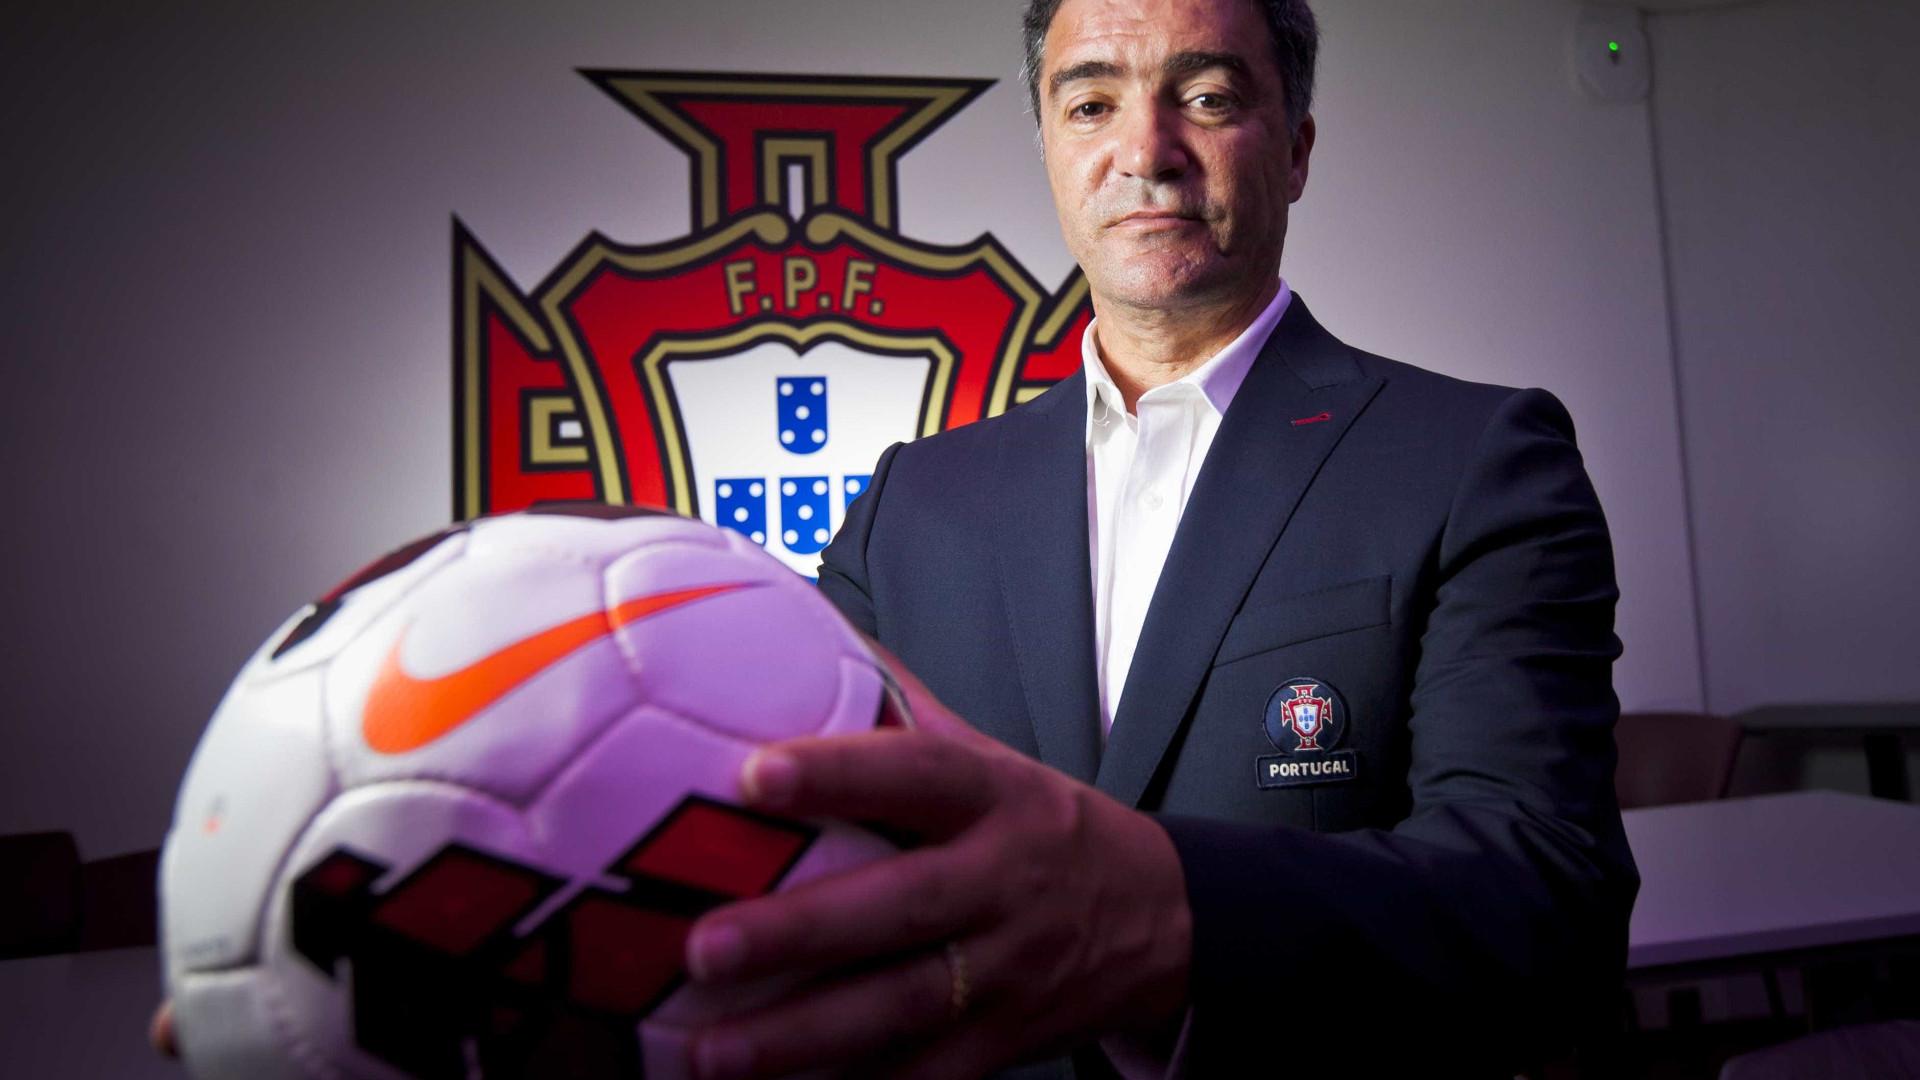 Hélio Sousa chama 22 jogadores para disputar Ronda de Elite do Europeu